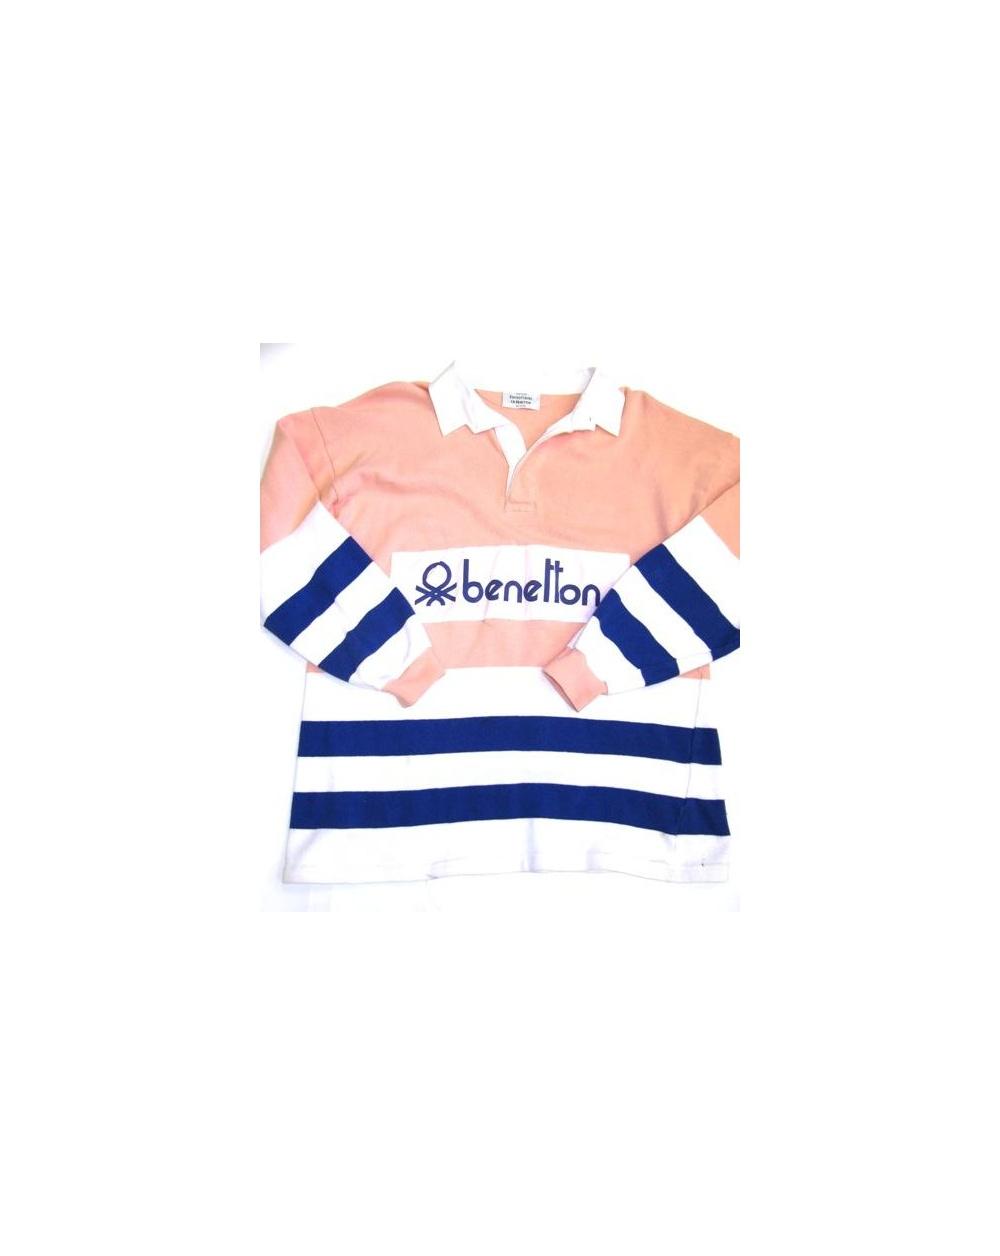 db5092d130f Benetton Rugby Vintage 80s Sweatshirt Peach Navy White - Vintage ...